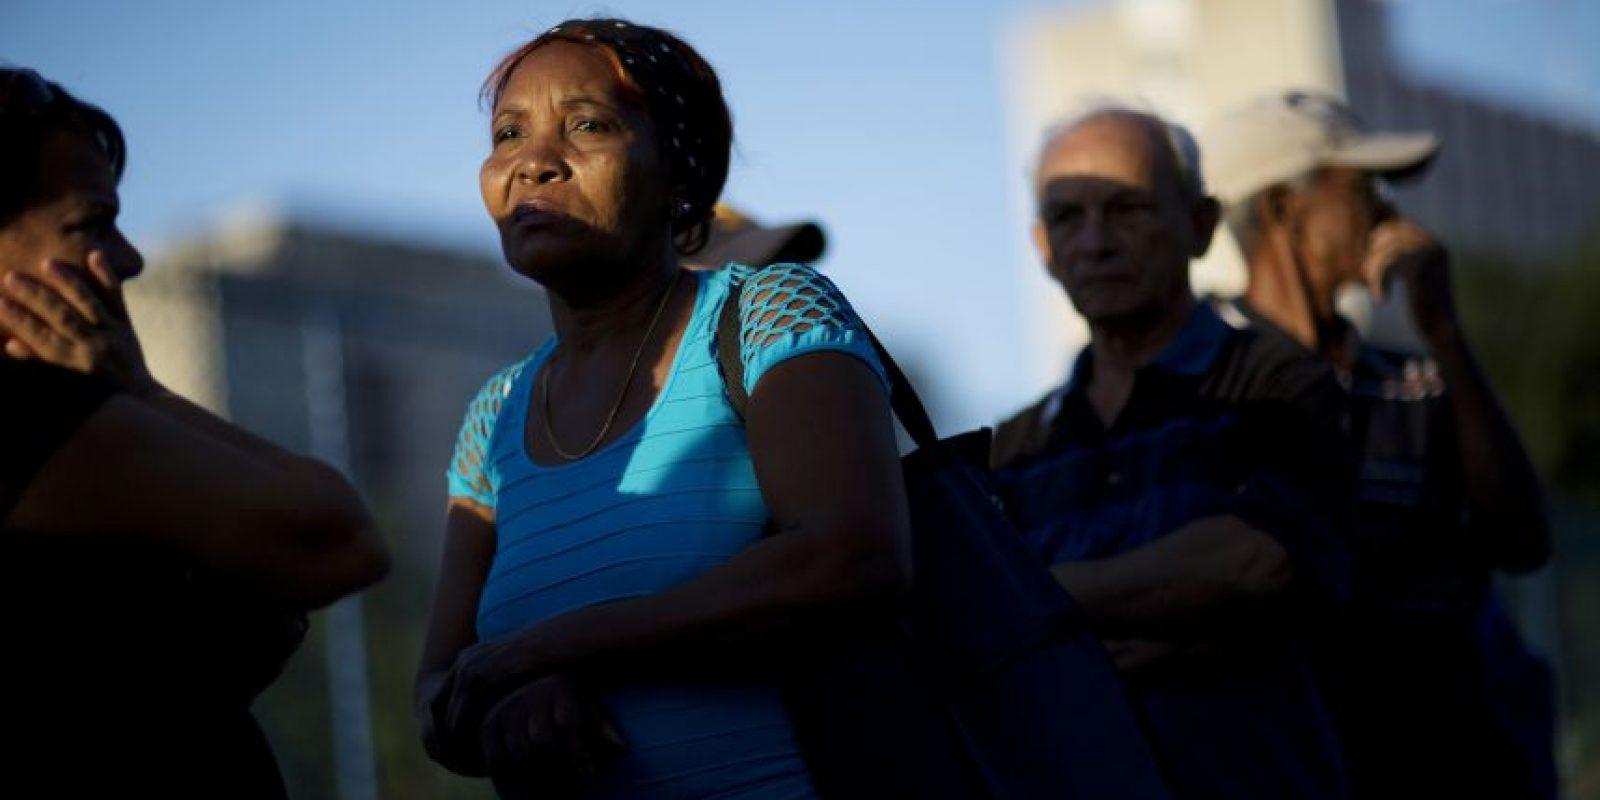 En esta foto del 28 de noviembre de 2016, la gente espera en fila para rendir el último homenaje al líder Fidel Castro, en La Habana, Cuba. El gobierno cubano declaró nueve días de luto nacional tras la muerte del expresidente a los 90 años. Foto:Rodrigo Abd / AP Foto